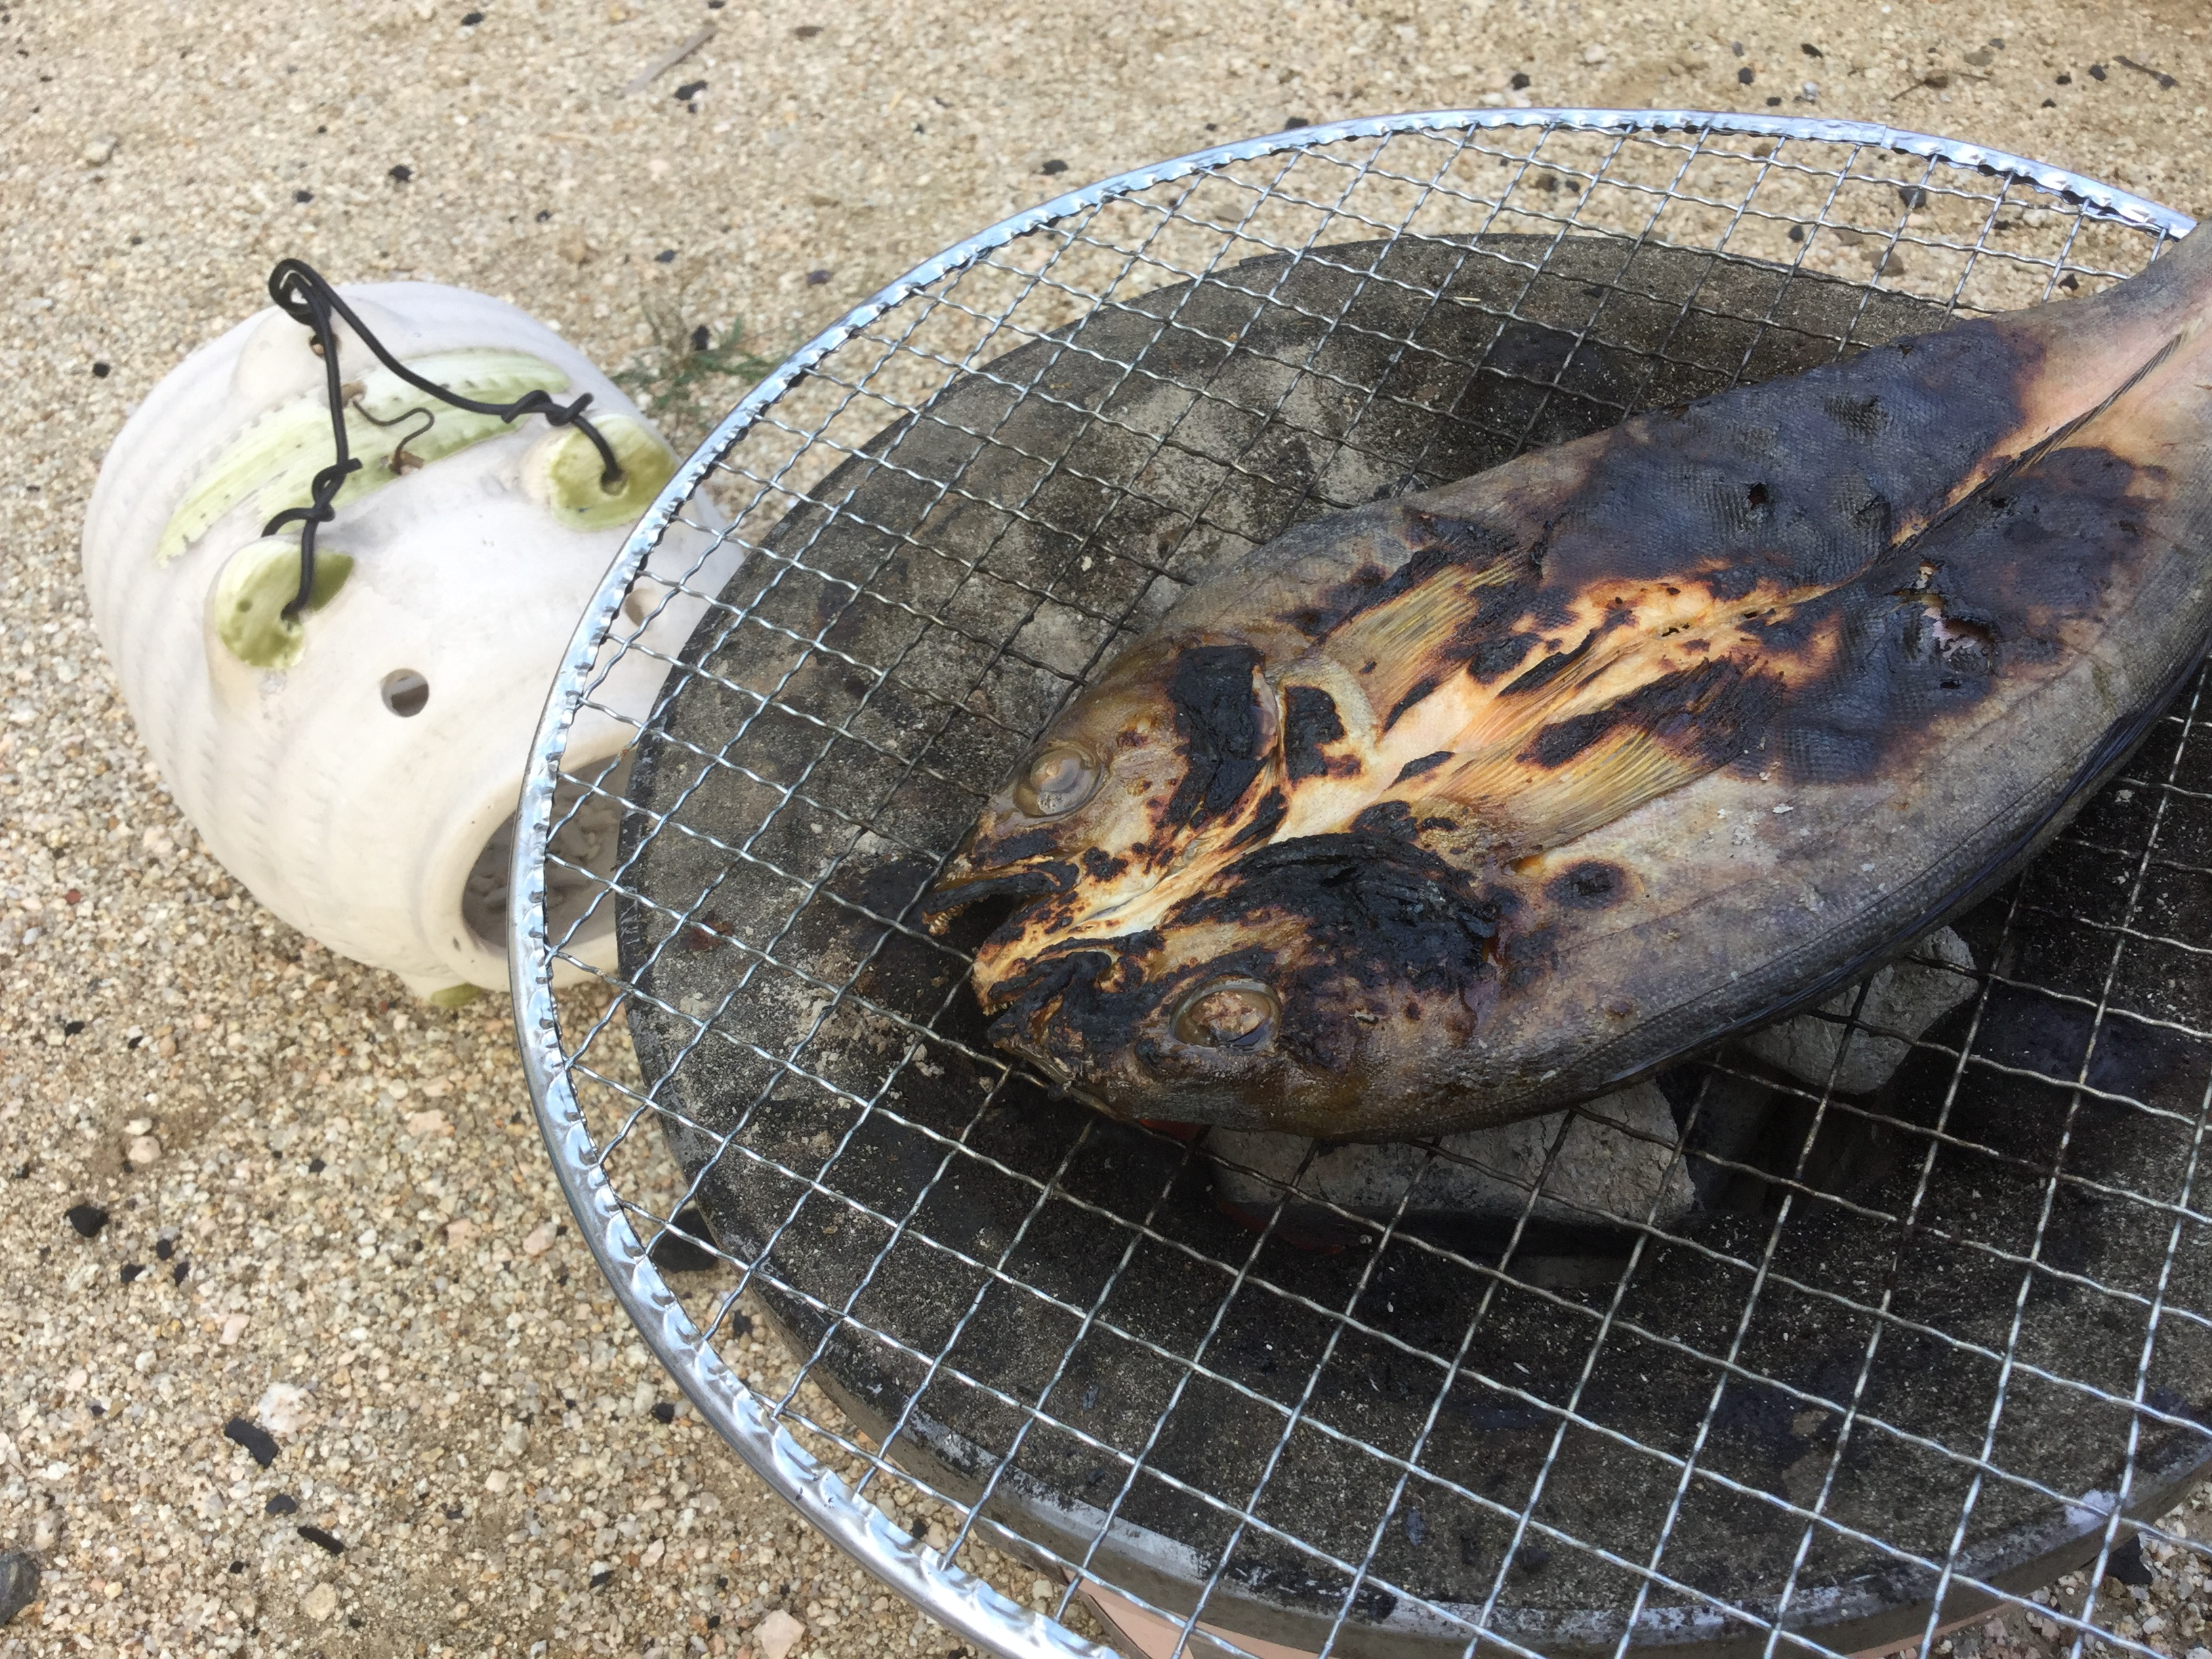 庭キャンプのススメ!今日も美味しい炭火を楽しむ方法